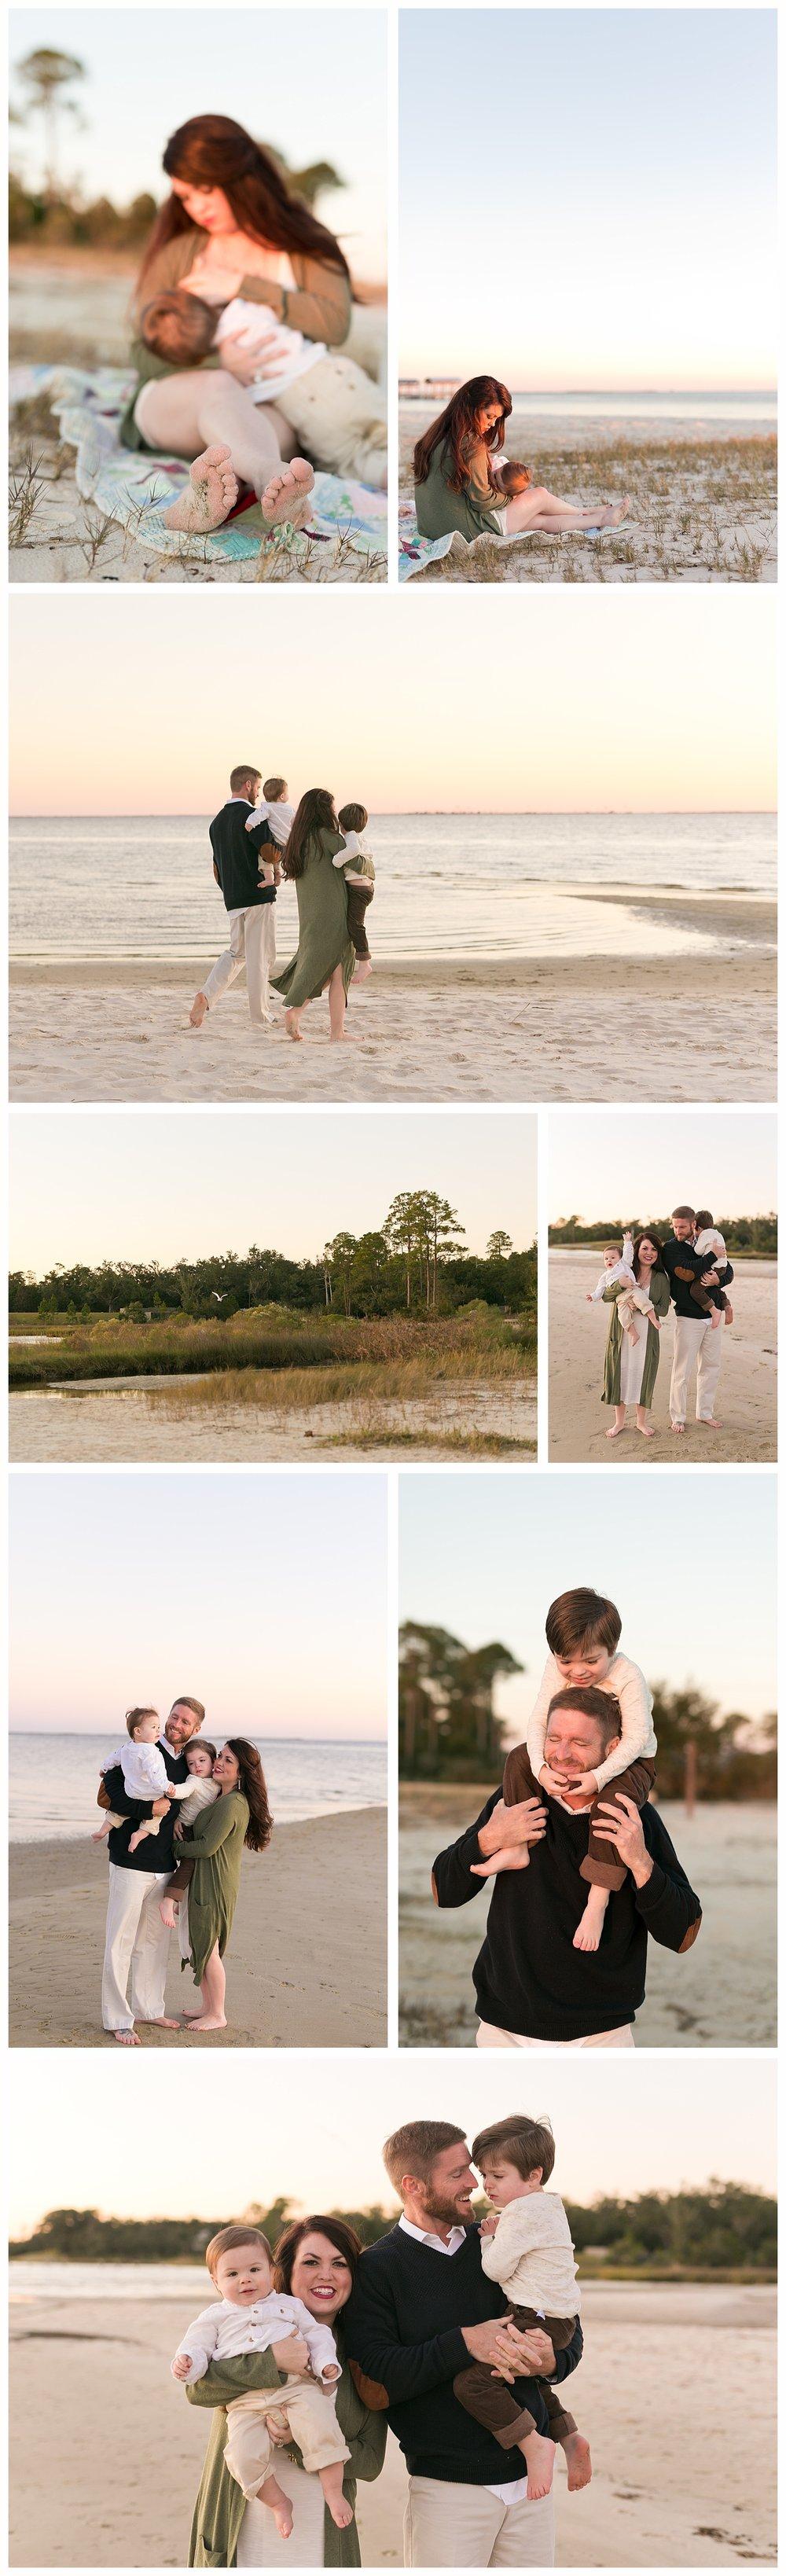 Ocean Springs family photographer, lifestyle family photos on the beach